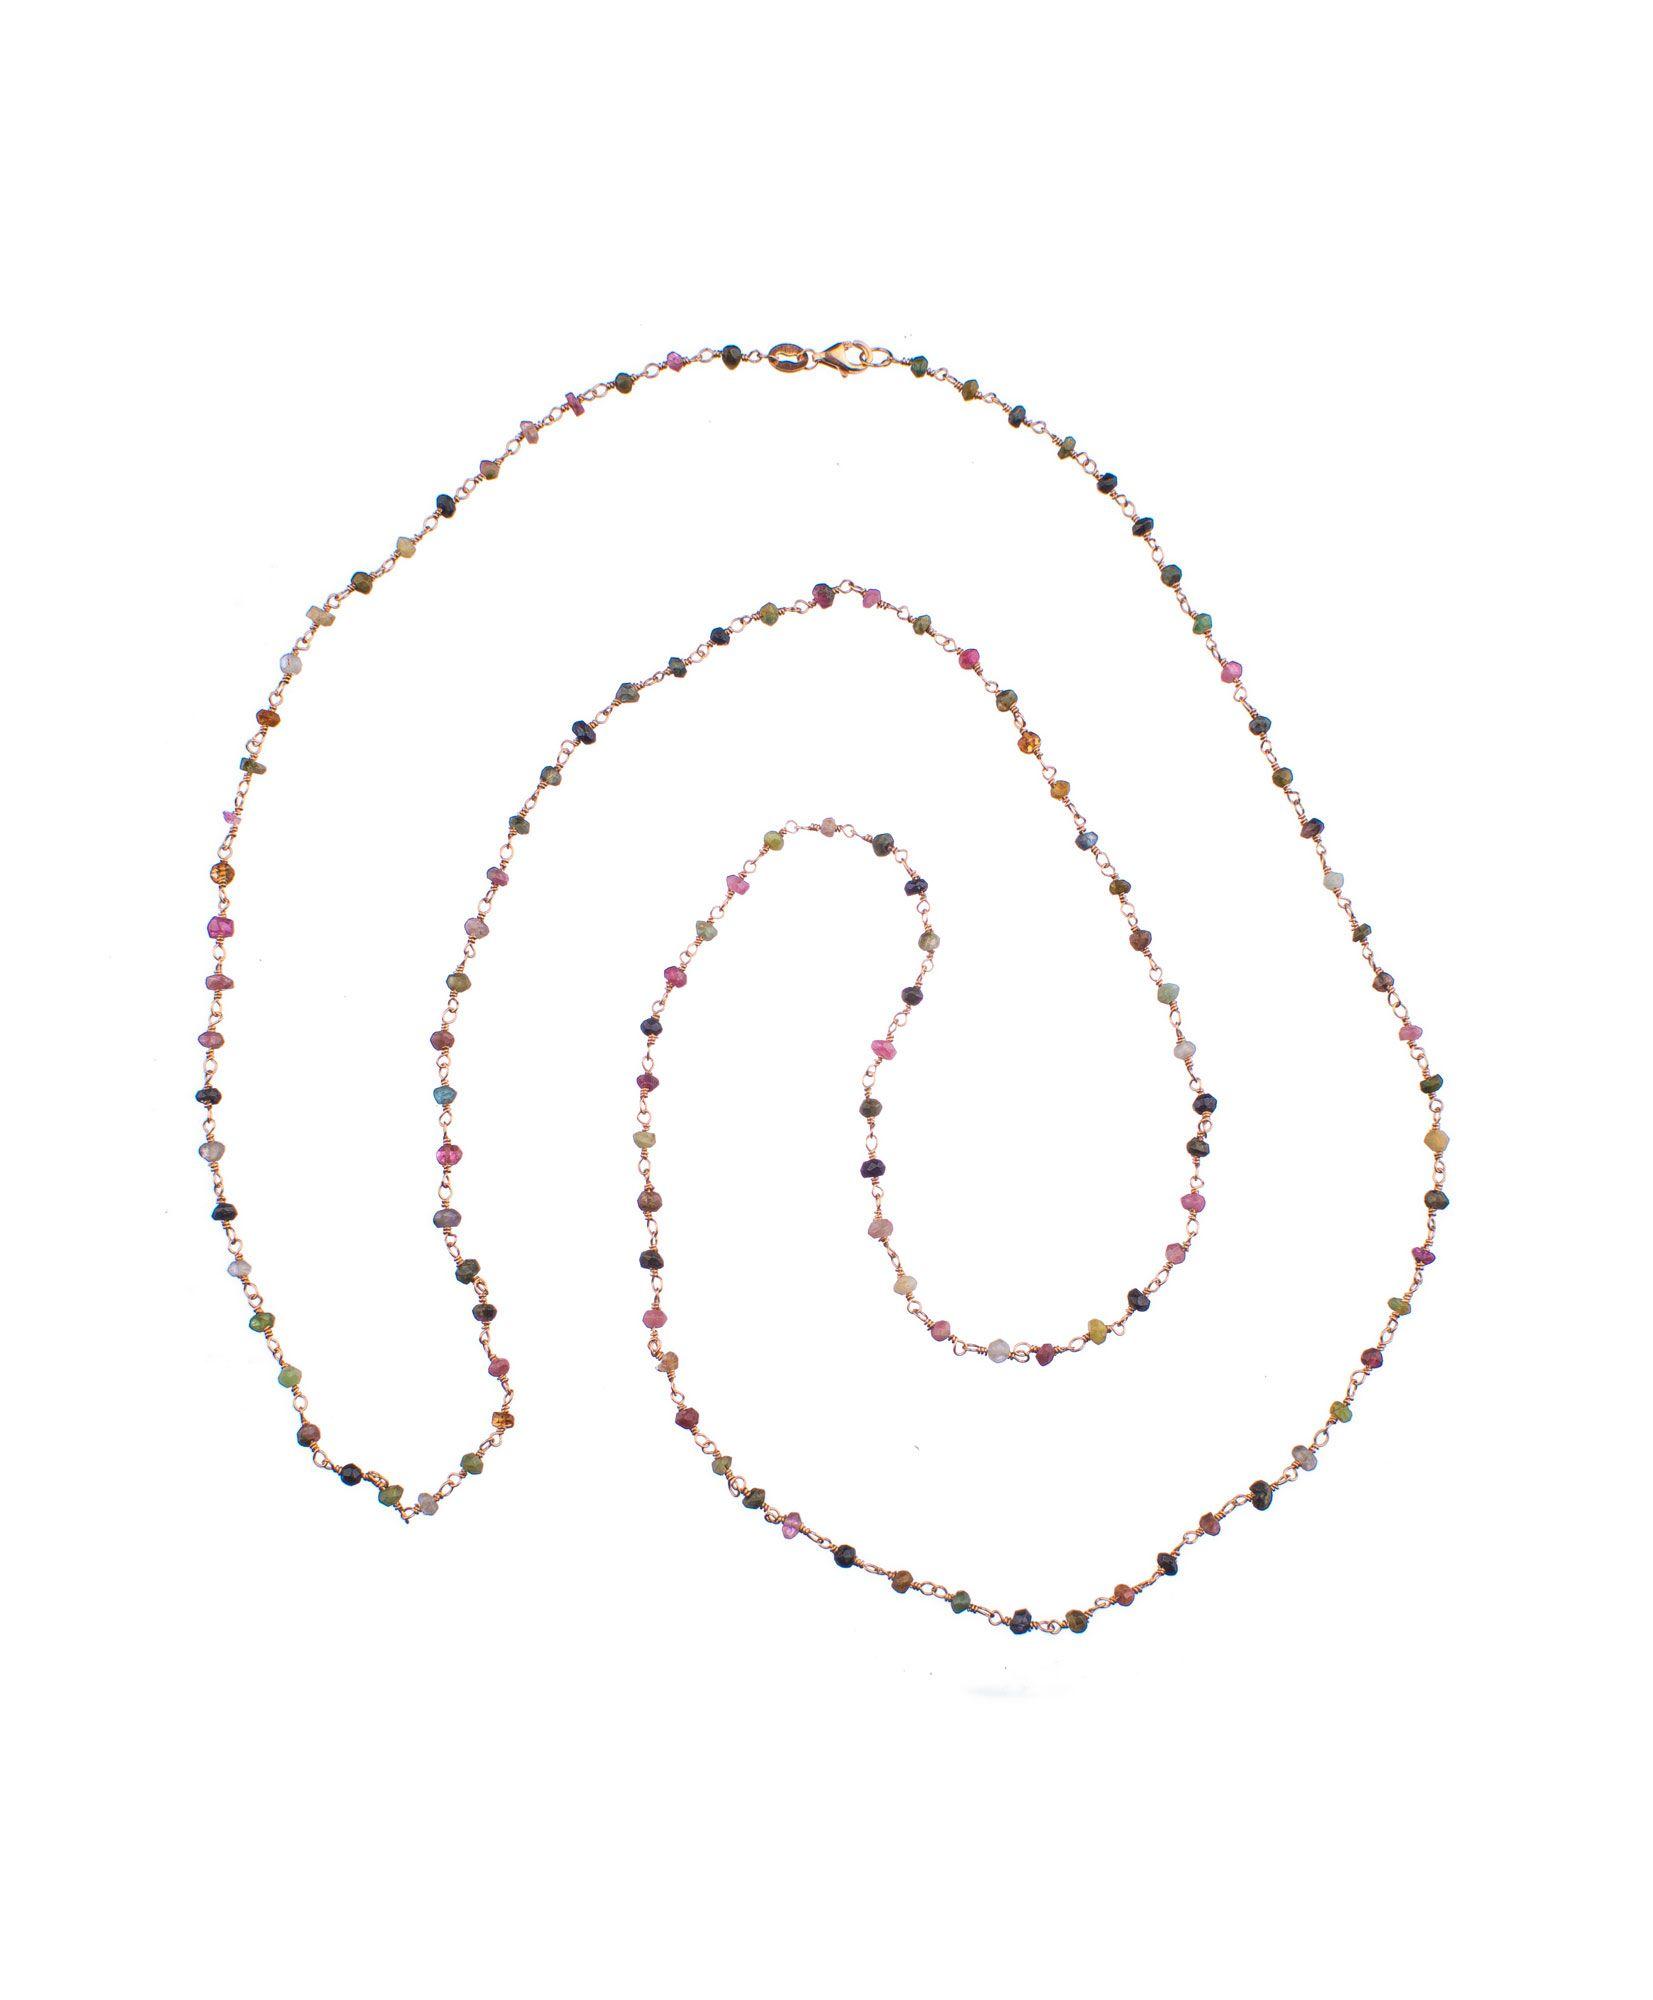 Ασημένιο ροζάριο με πολύχρωμες πέτρες - Seferos 4471f9efee1